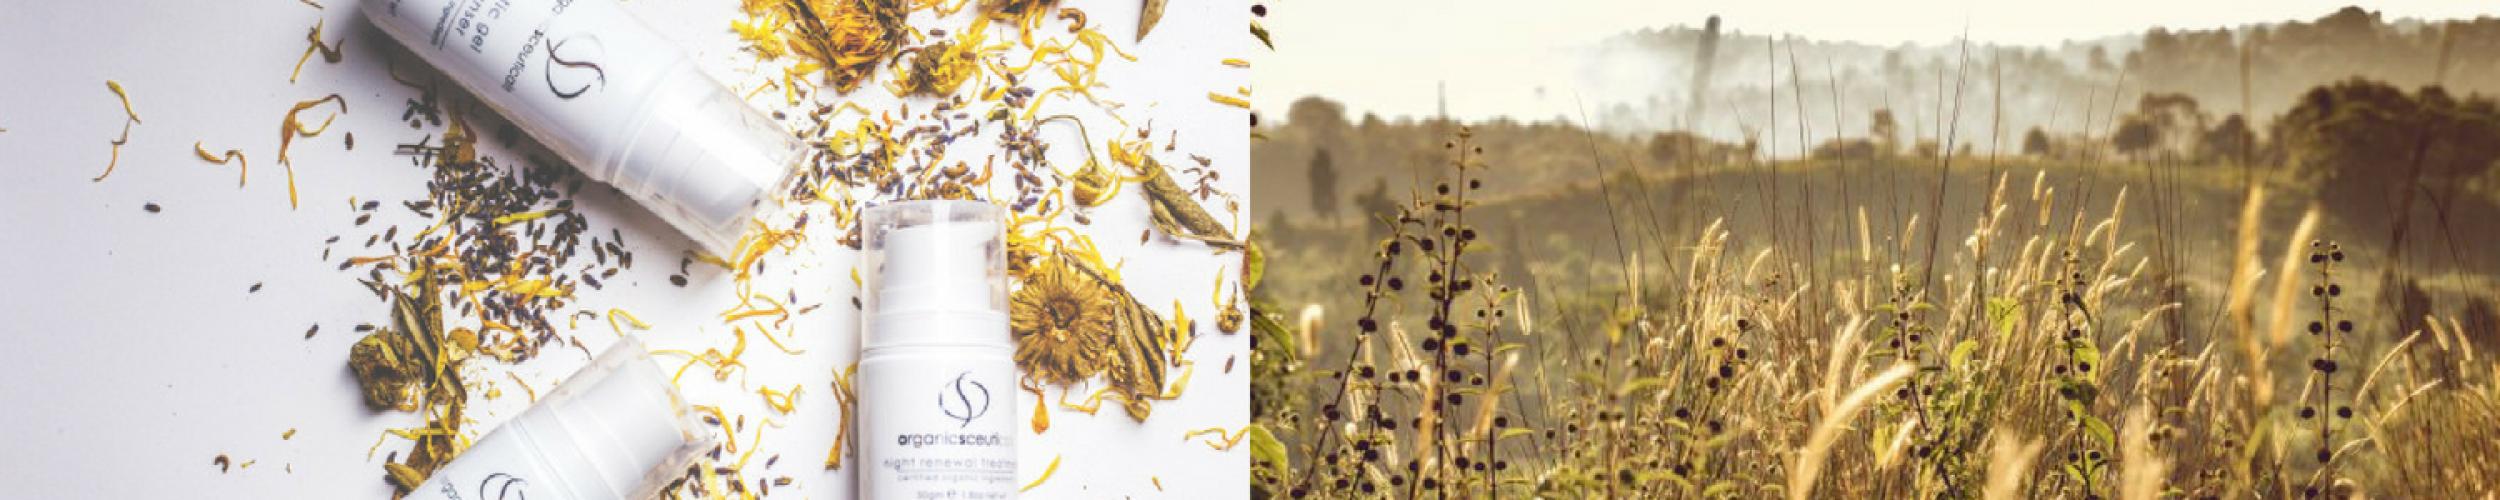 De puurheid van Organicspa